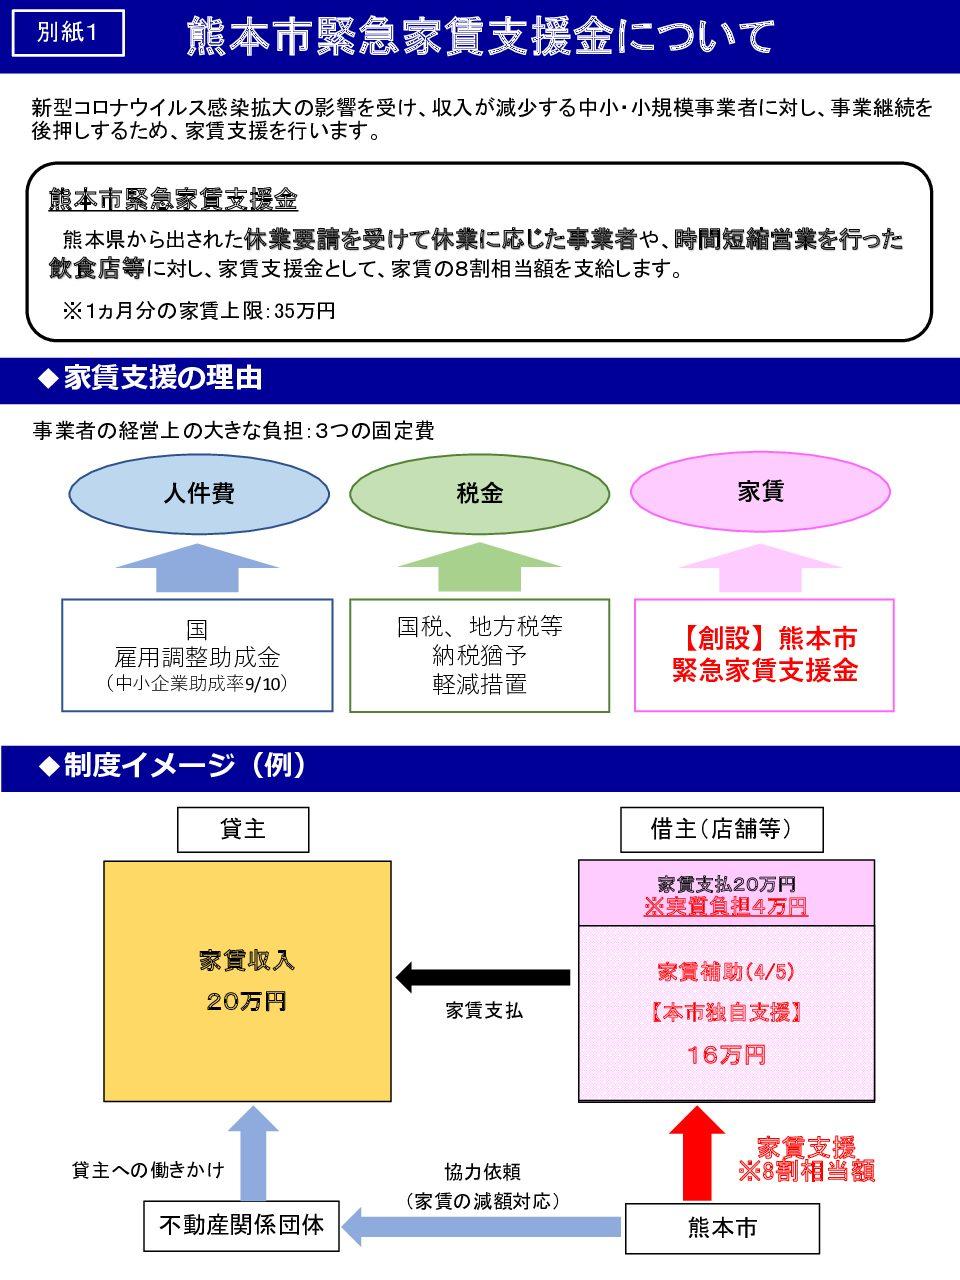 【熊本市】熊本市緊急家賃支援金について